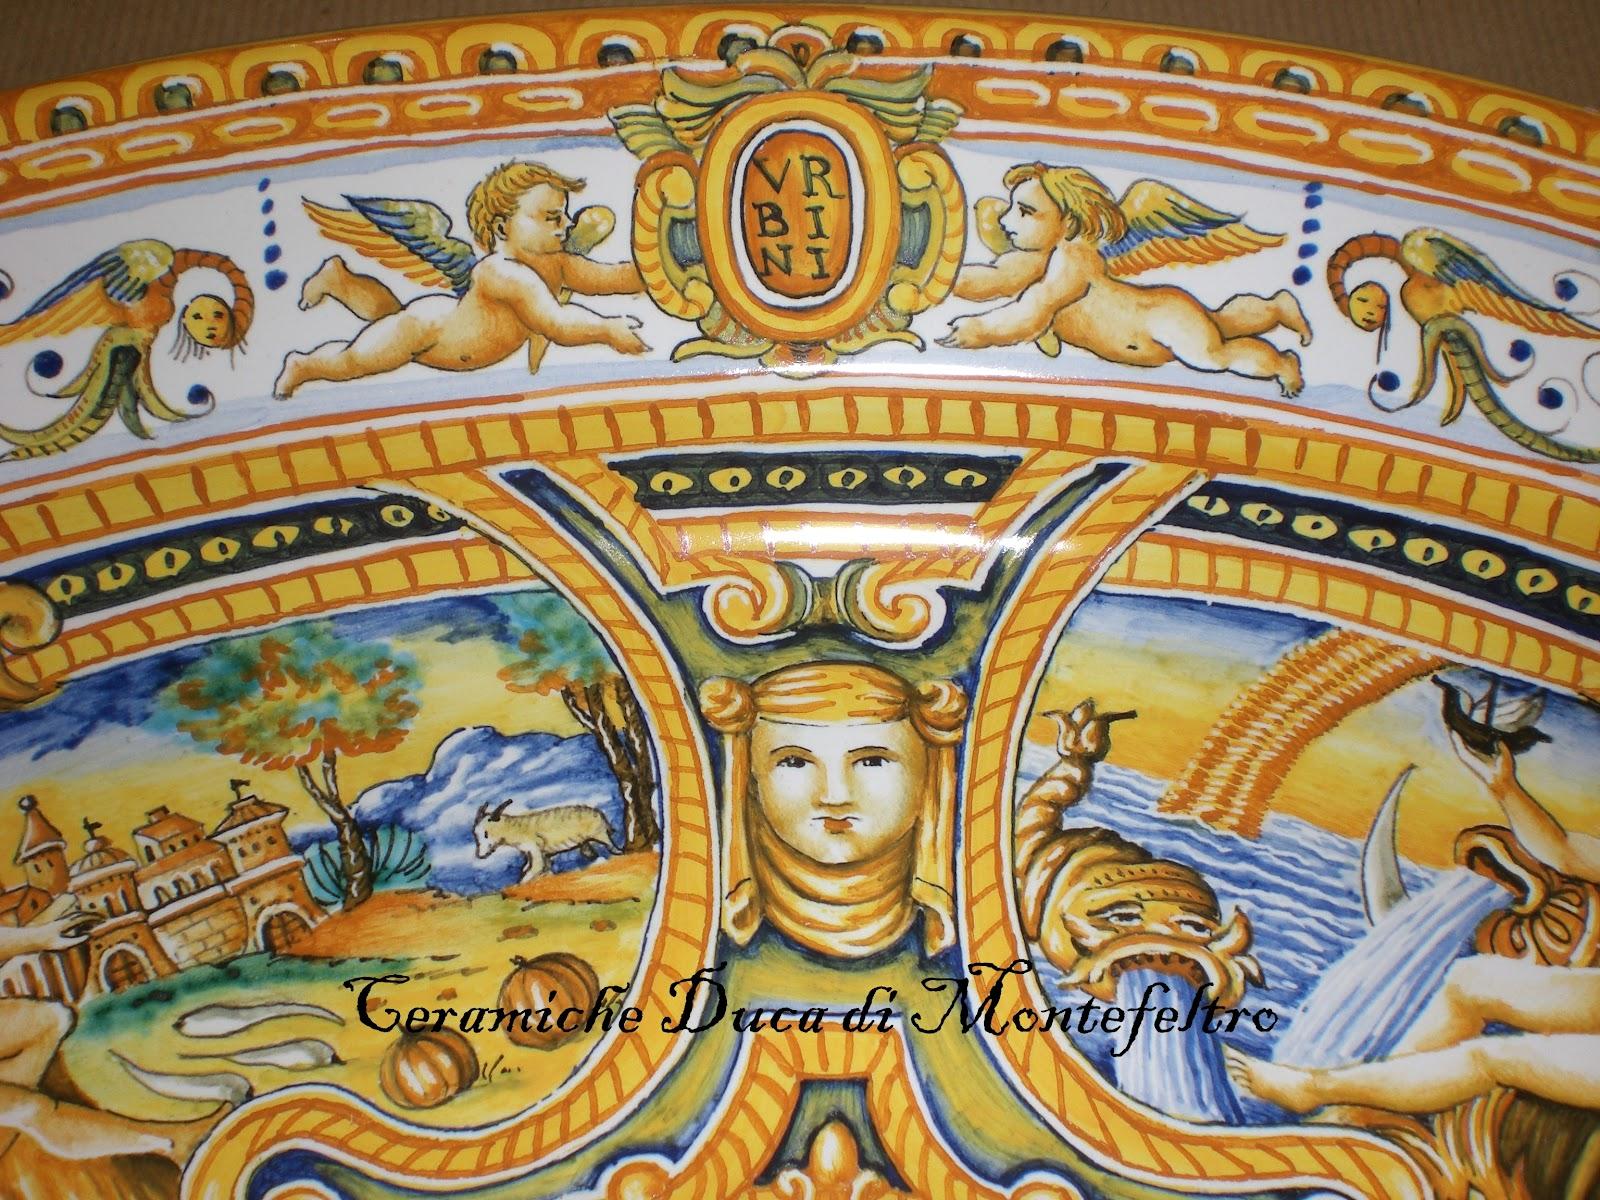 Ceramica e dintorni agosto 2012 for Decorazione stanze vaticane